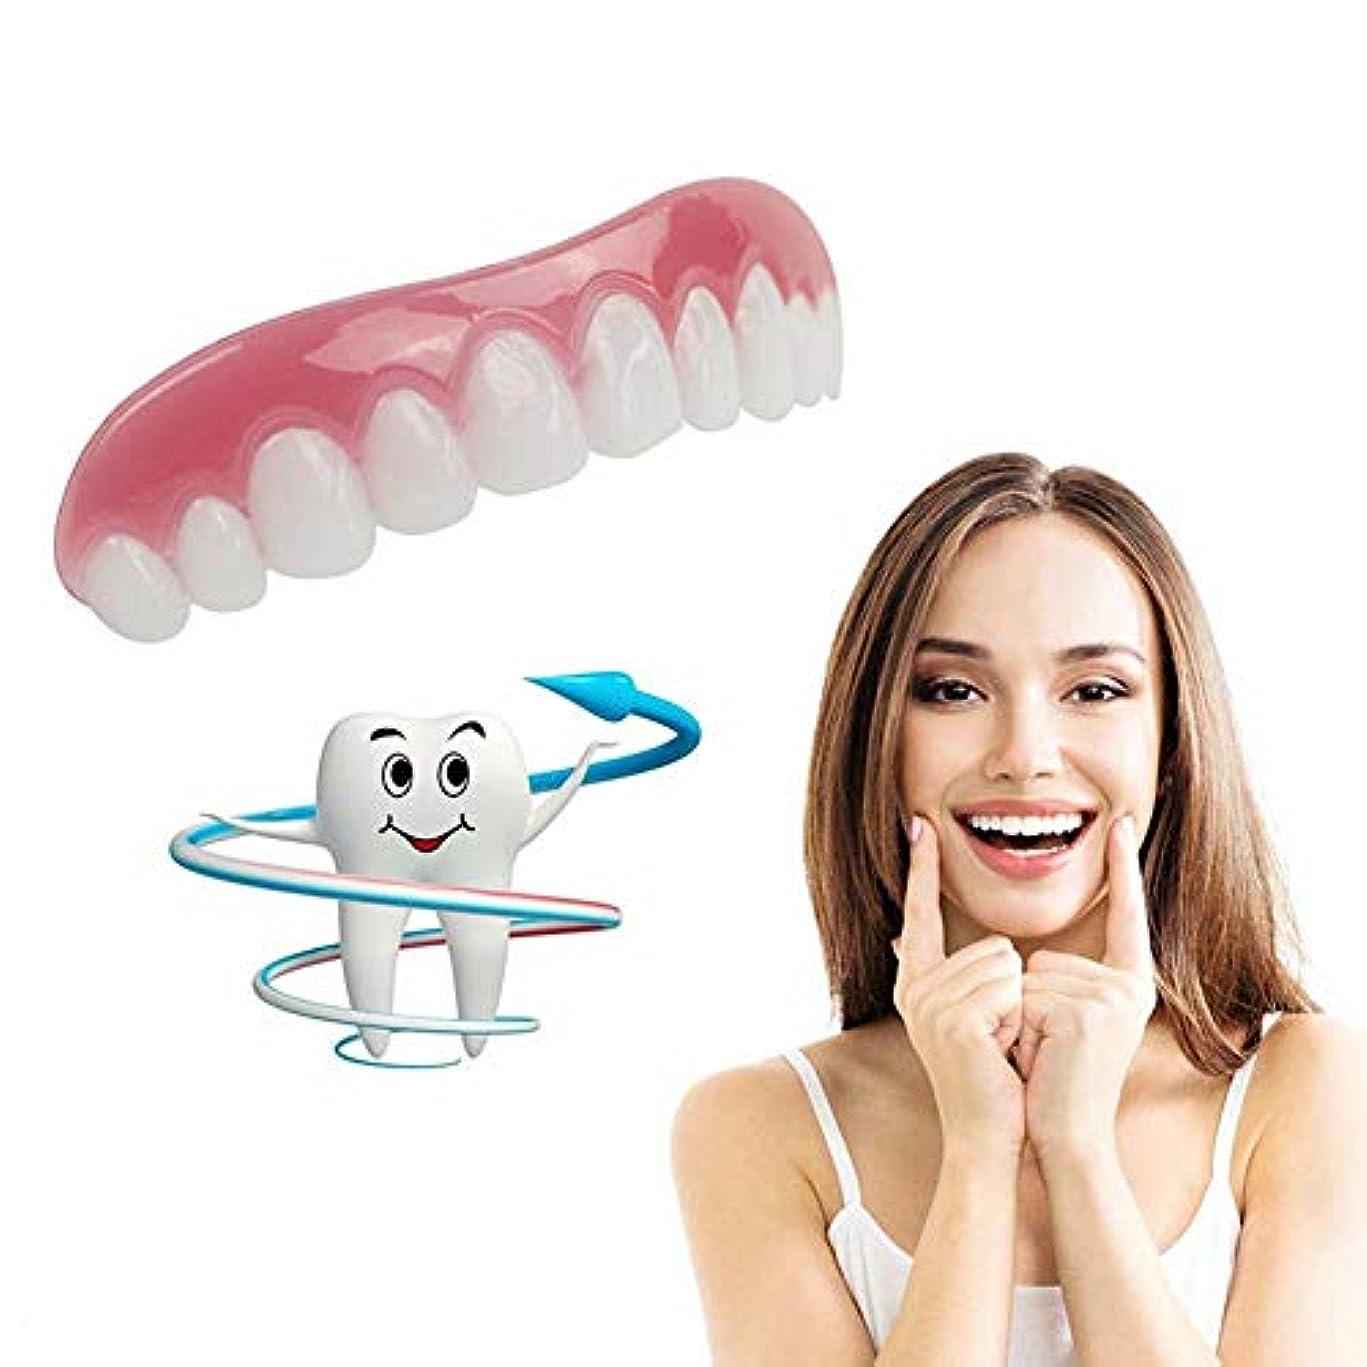 キリストジャズ泥棒化粧品の歯、超快適、快適なフィット感、白い歯をきれいにするための快適なフィットフレックス歯ソケット、快適なフィット感、3セット